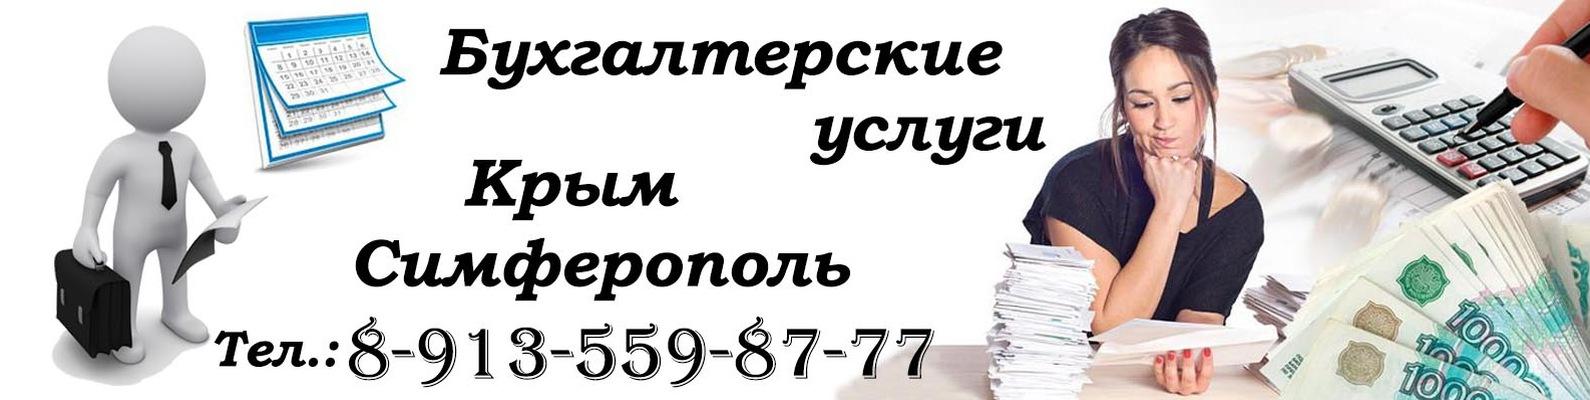 Оказание бухгалтерских услуг крым предоставление бухгалтерских услуг договор